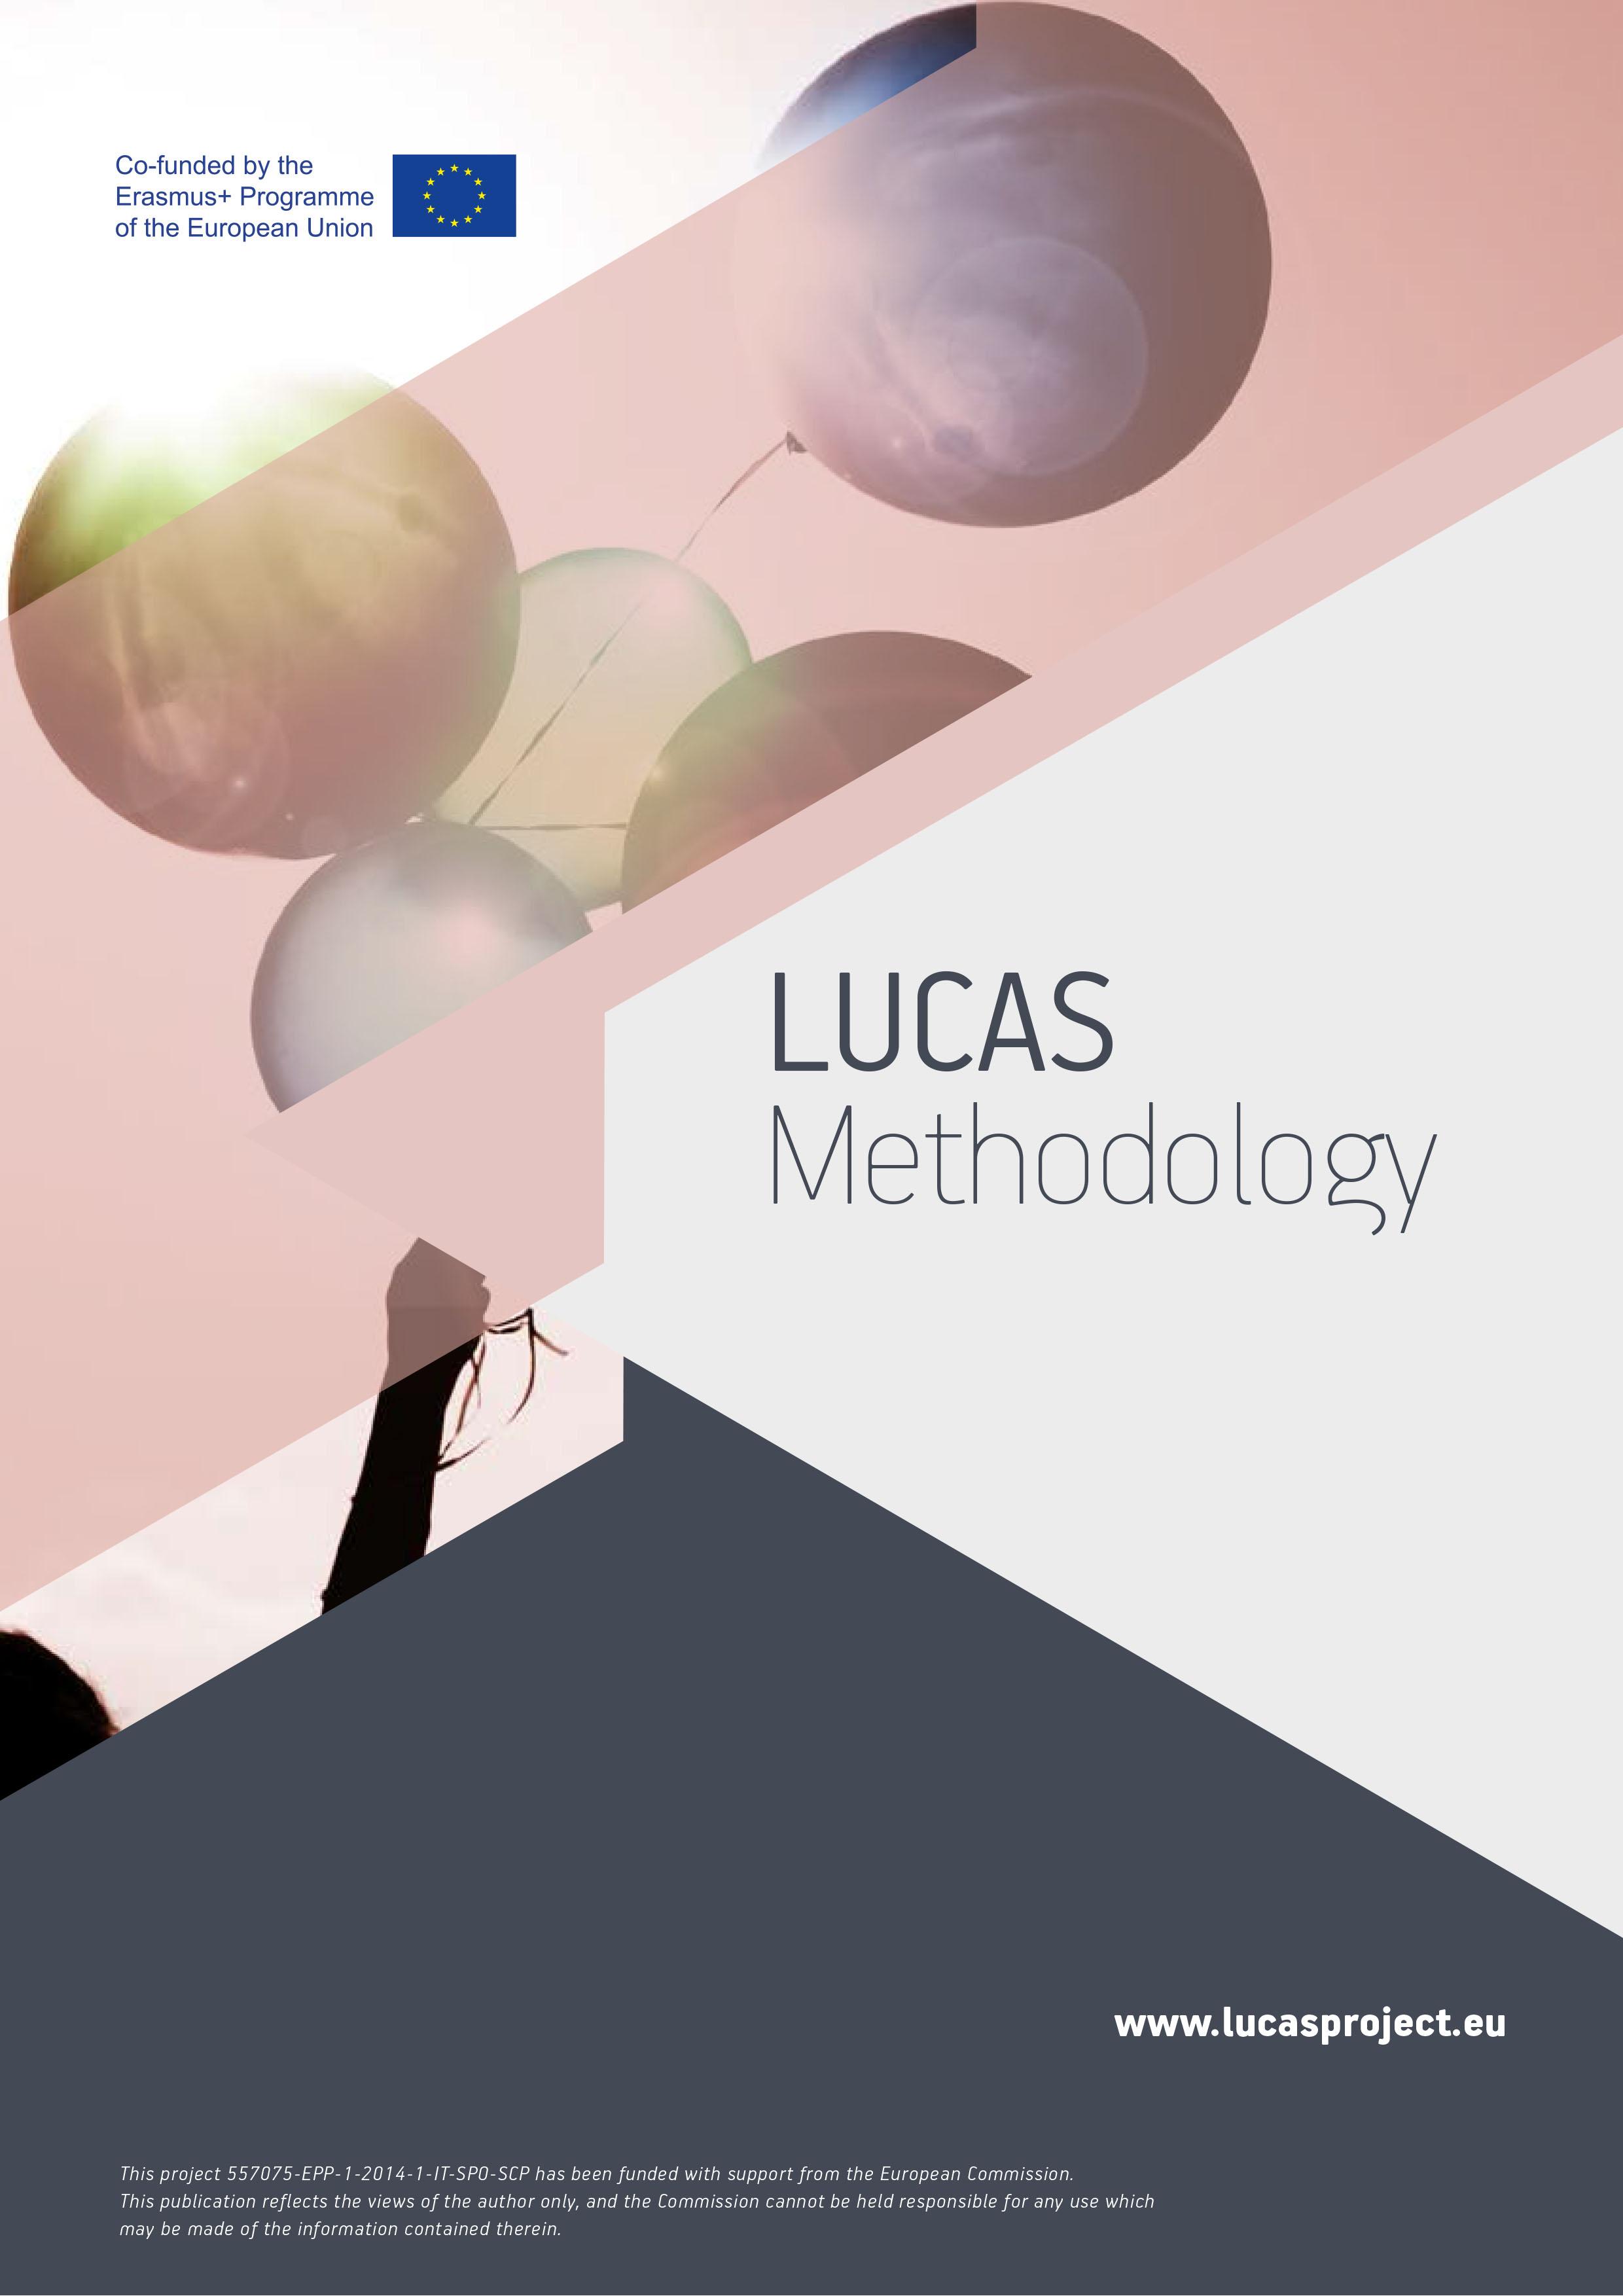 Methodologier